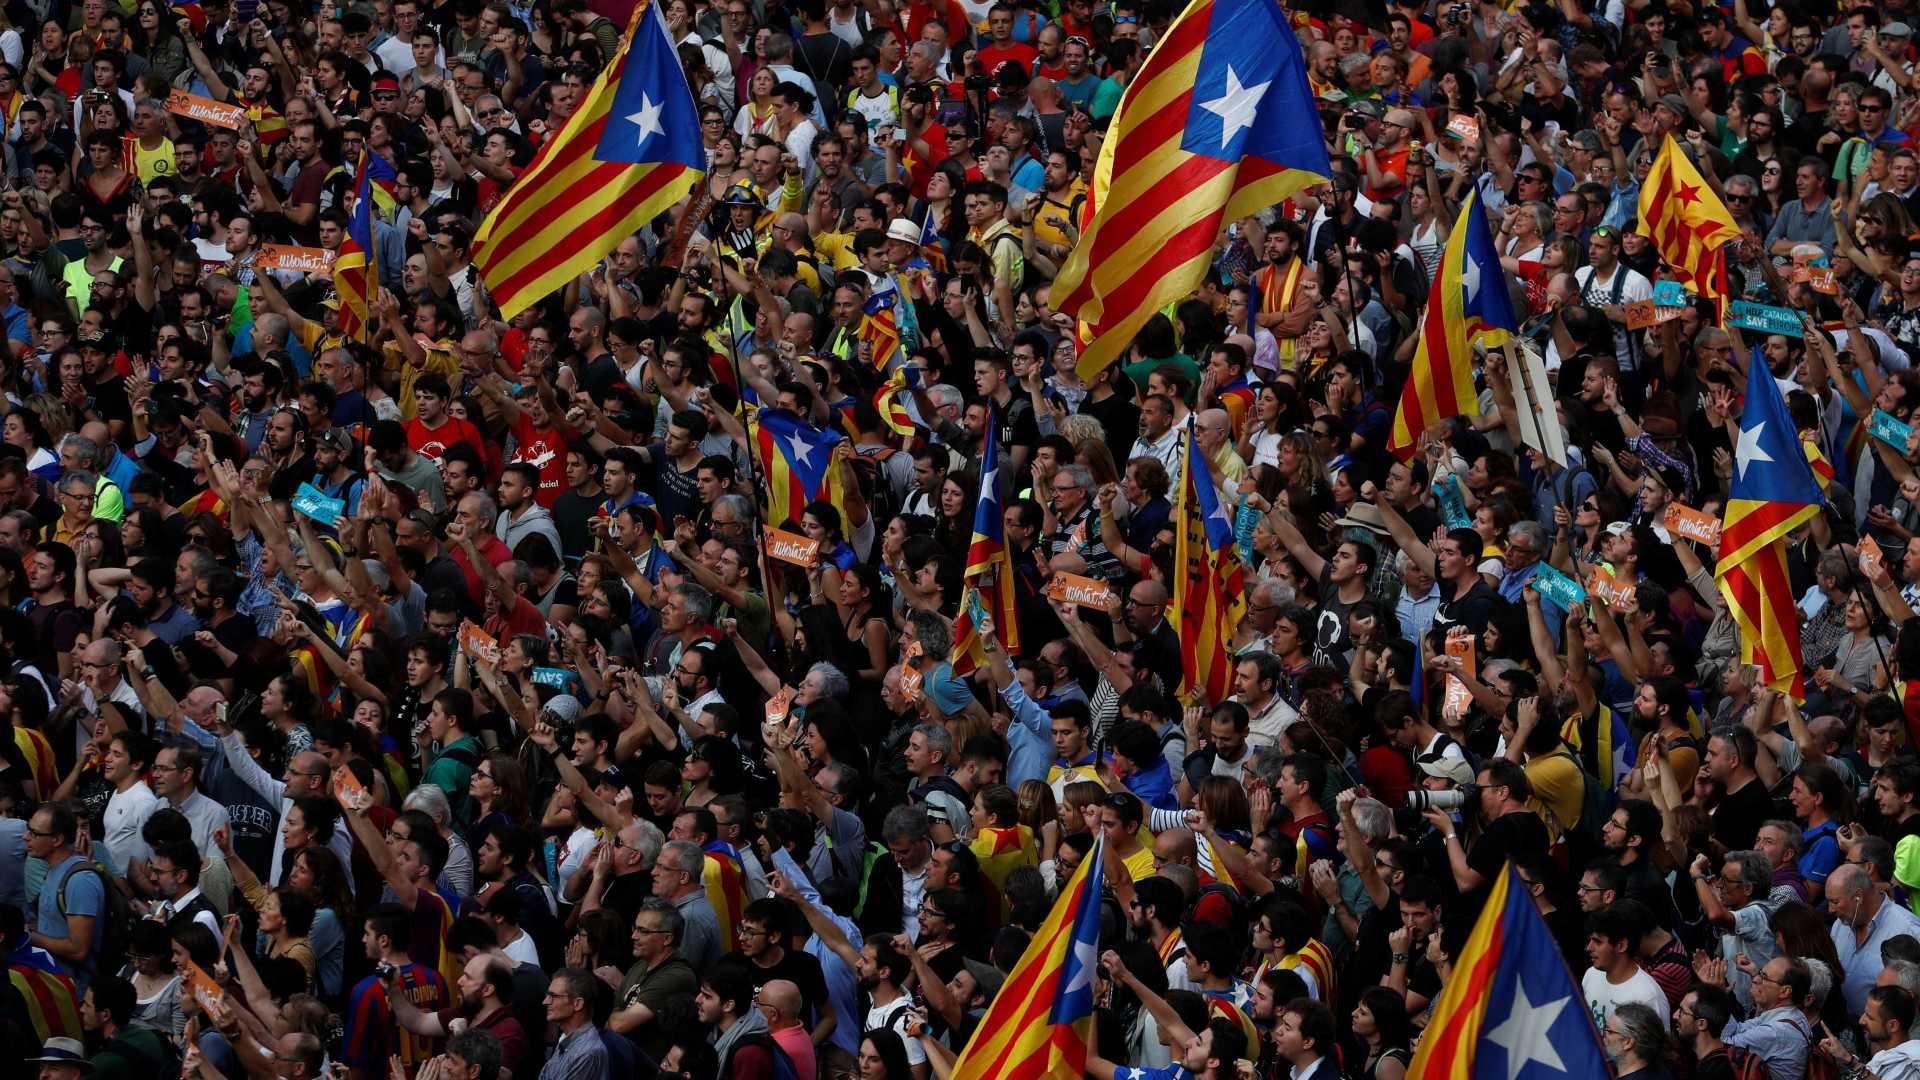 senado espanhol aprova artigo 155 da constituição e retira autonomia à catalunha - catalunha - Senado espanhol aprova artigo 155 da Constituição e retira autonomia à Catalunha